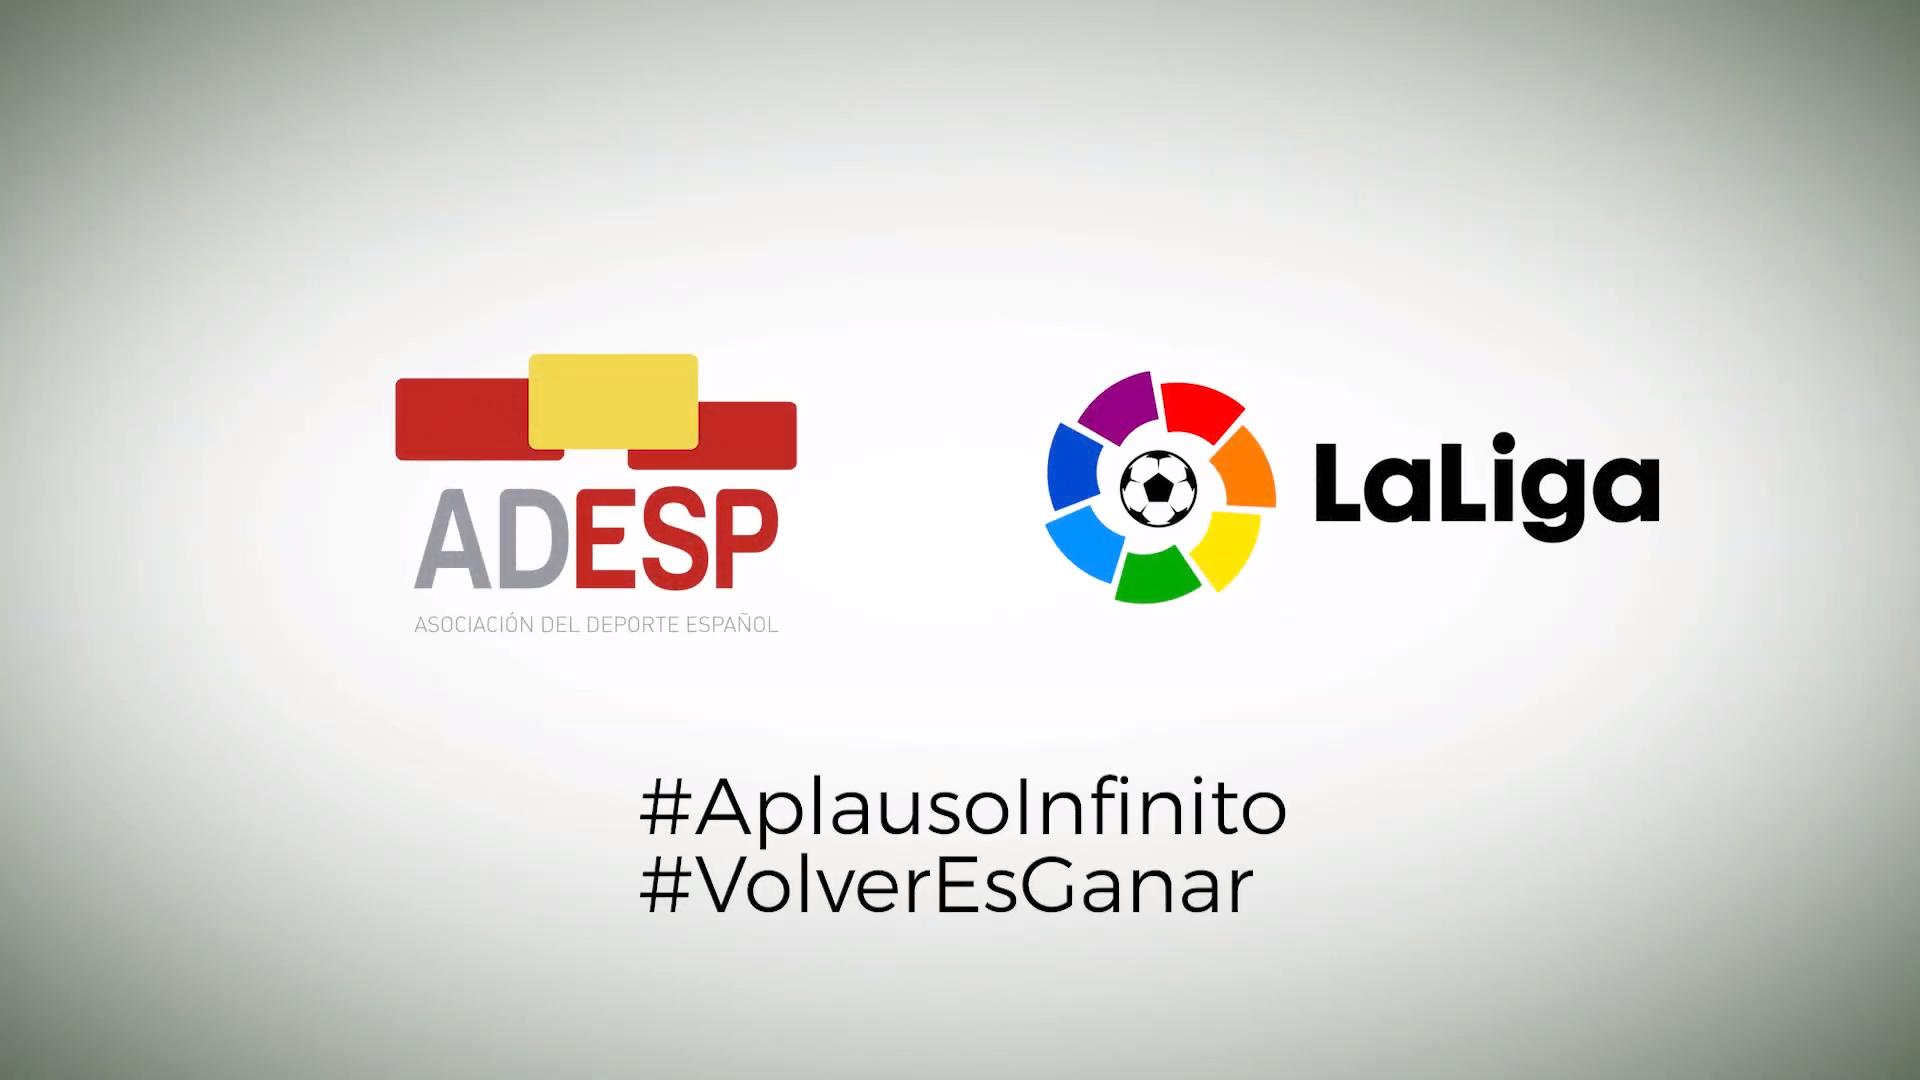 ADESP se suma a la campaña #Aplausoinfinito de la @LaLiga #VolverEsGanar